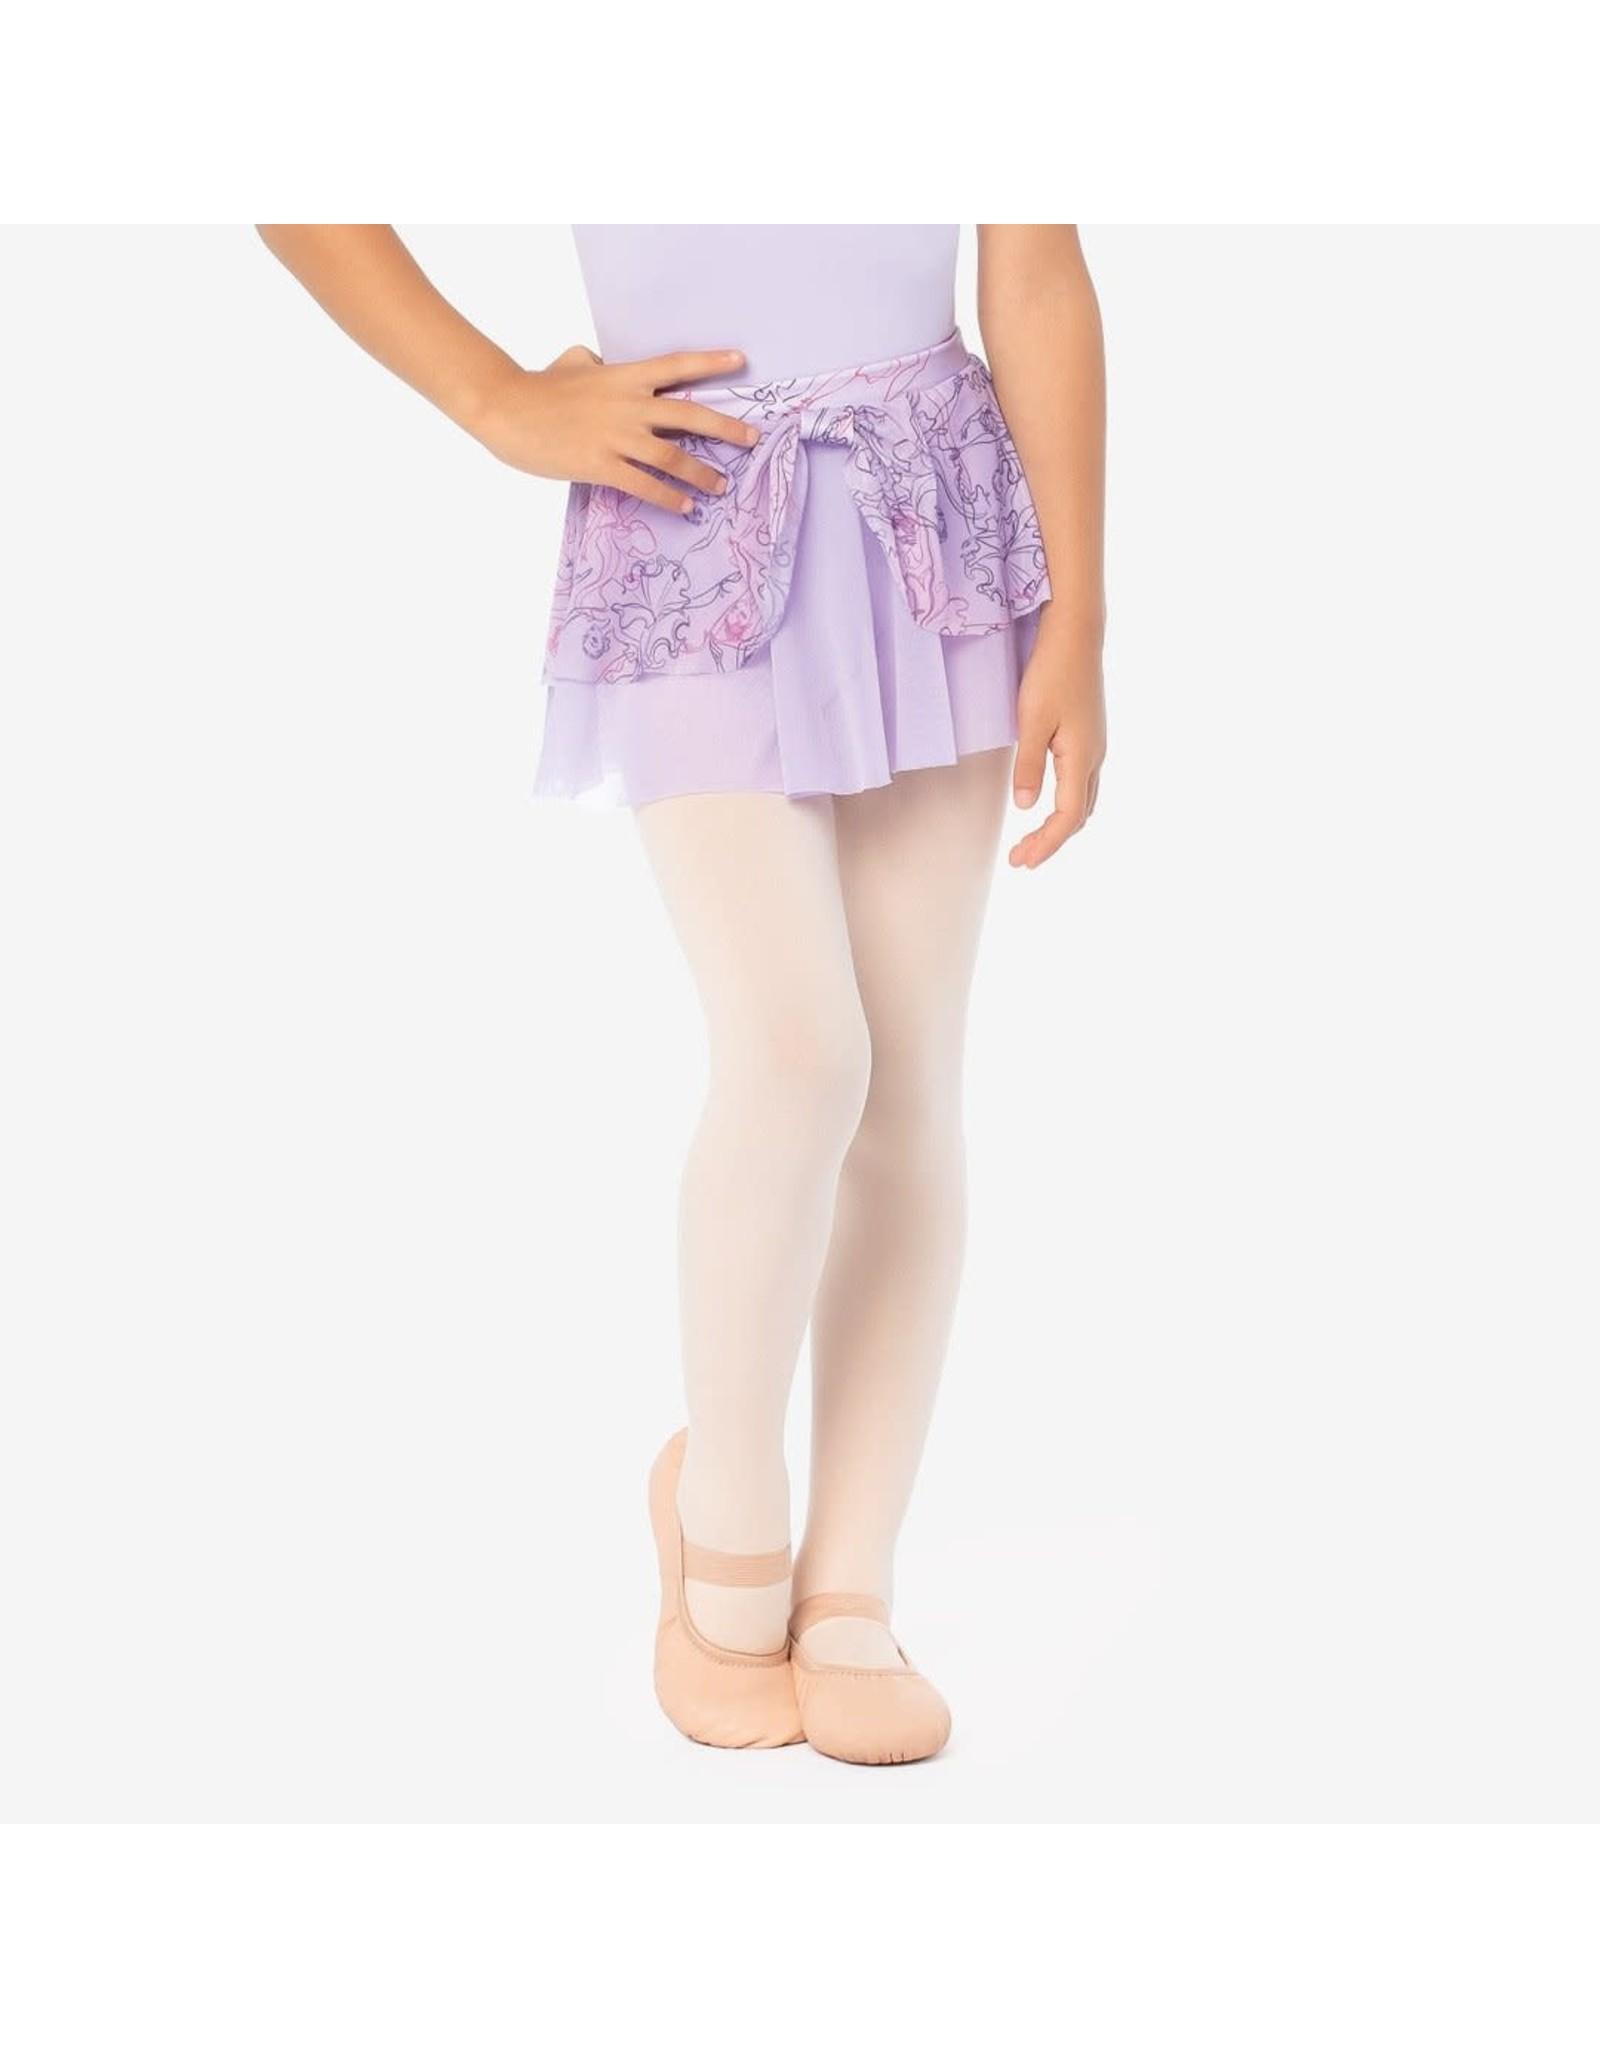 SoDanca L-2259 Skirt